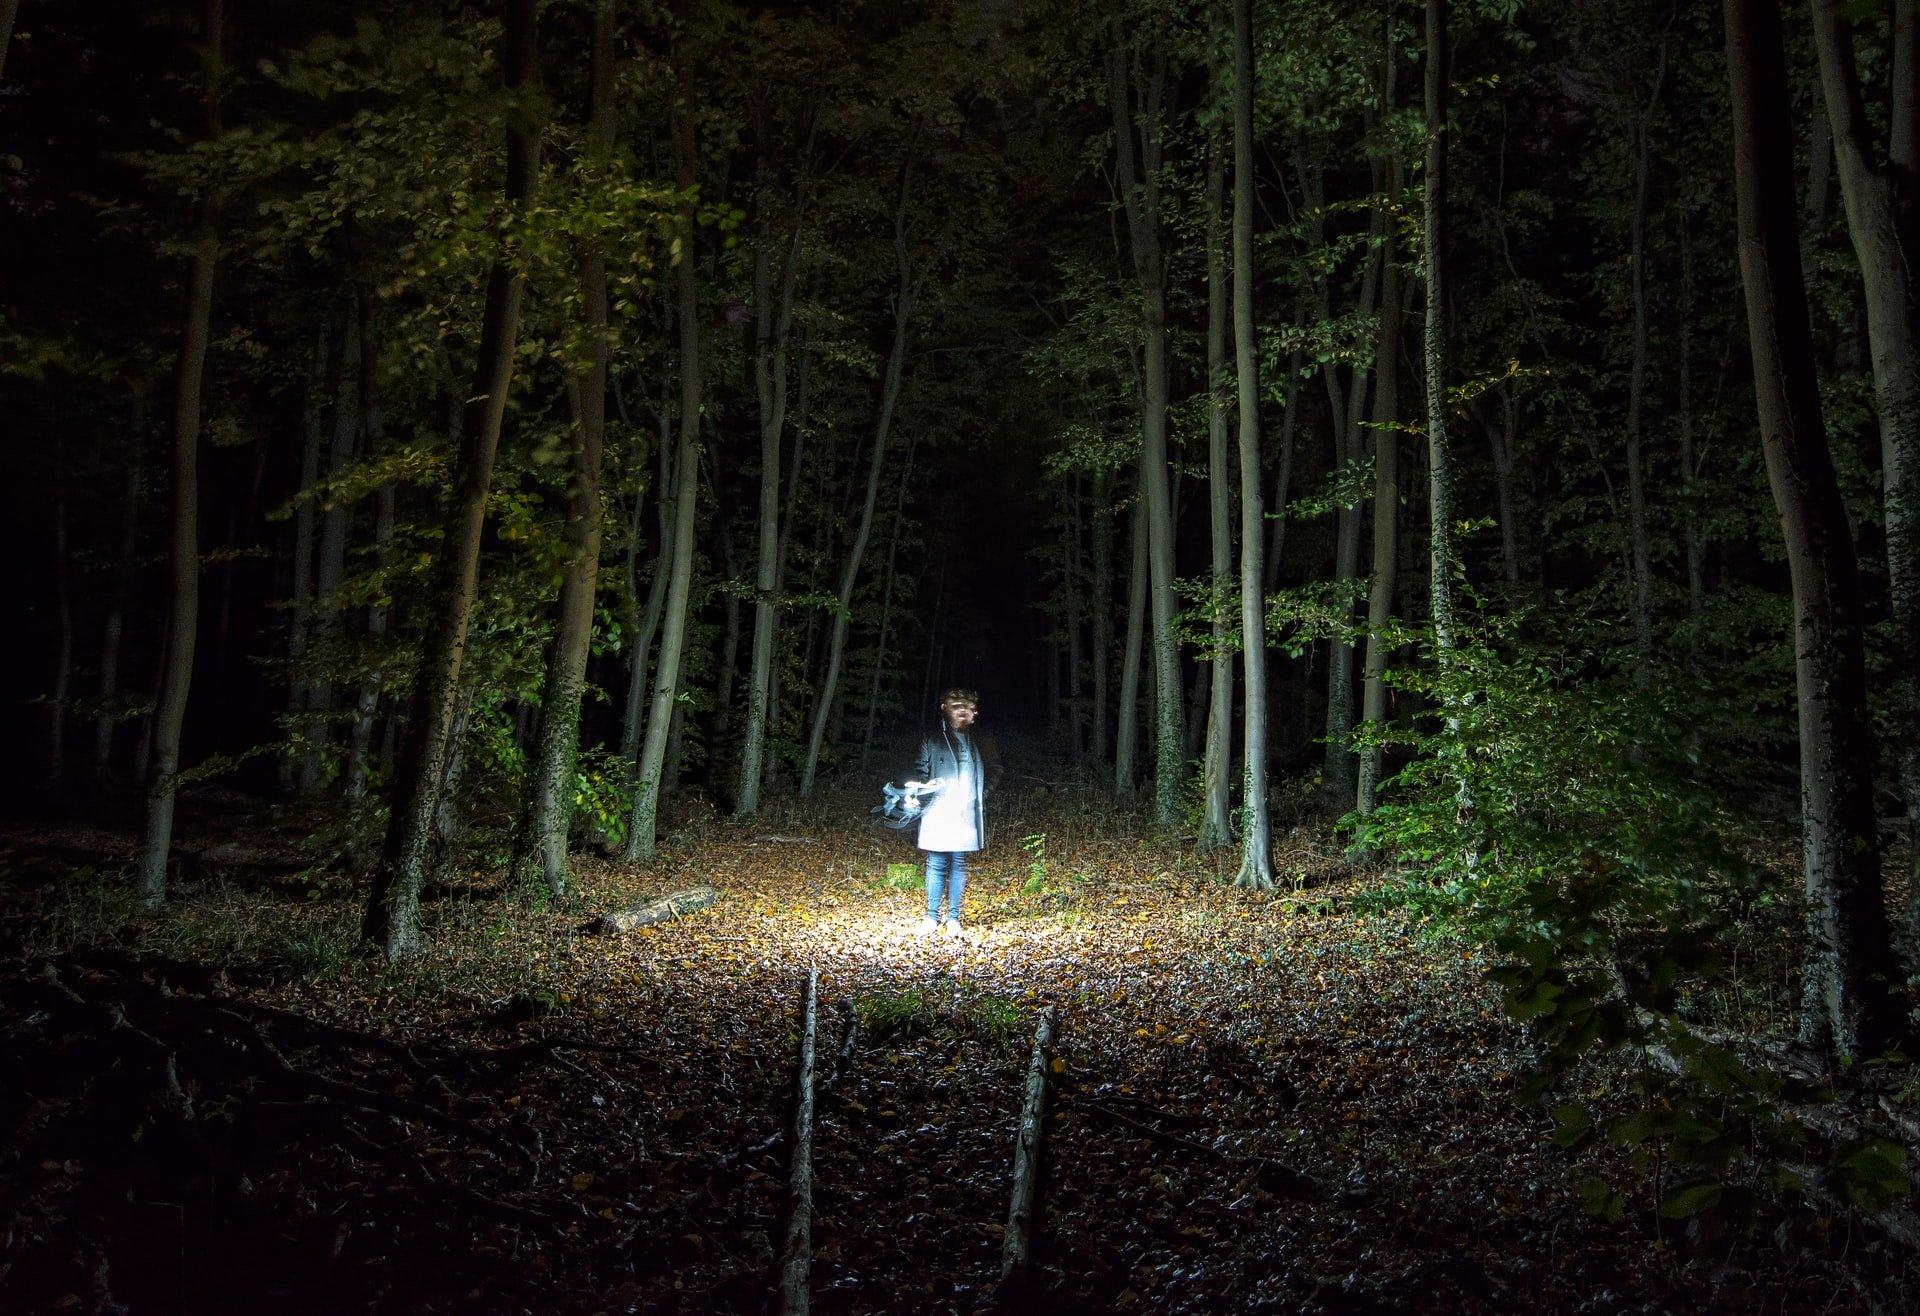 Hantu di UGM jadi mitos yang banyak dipercaya oleh banyak orang